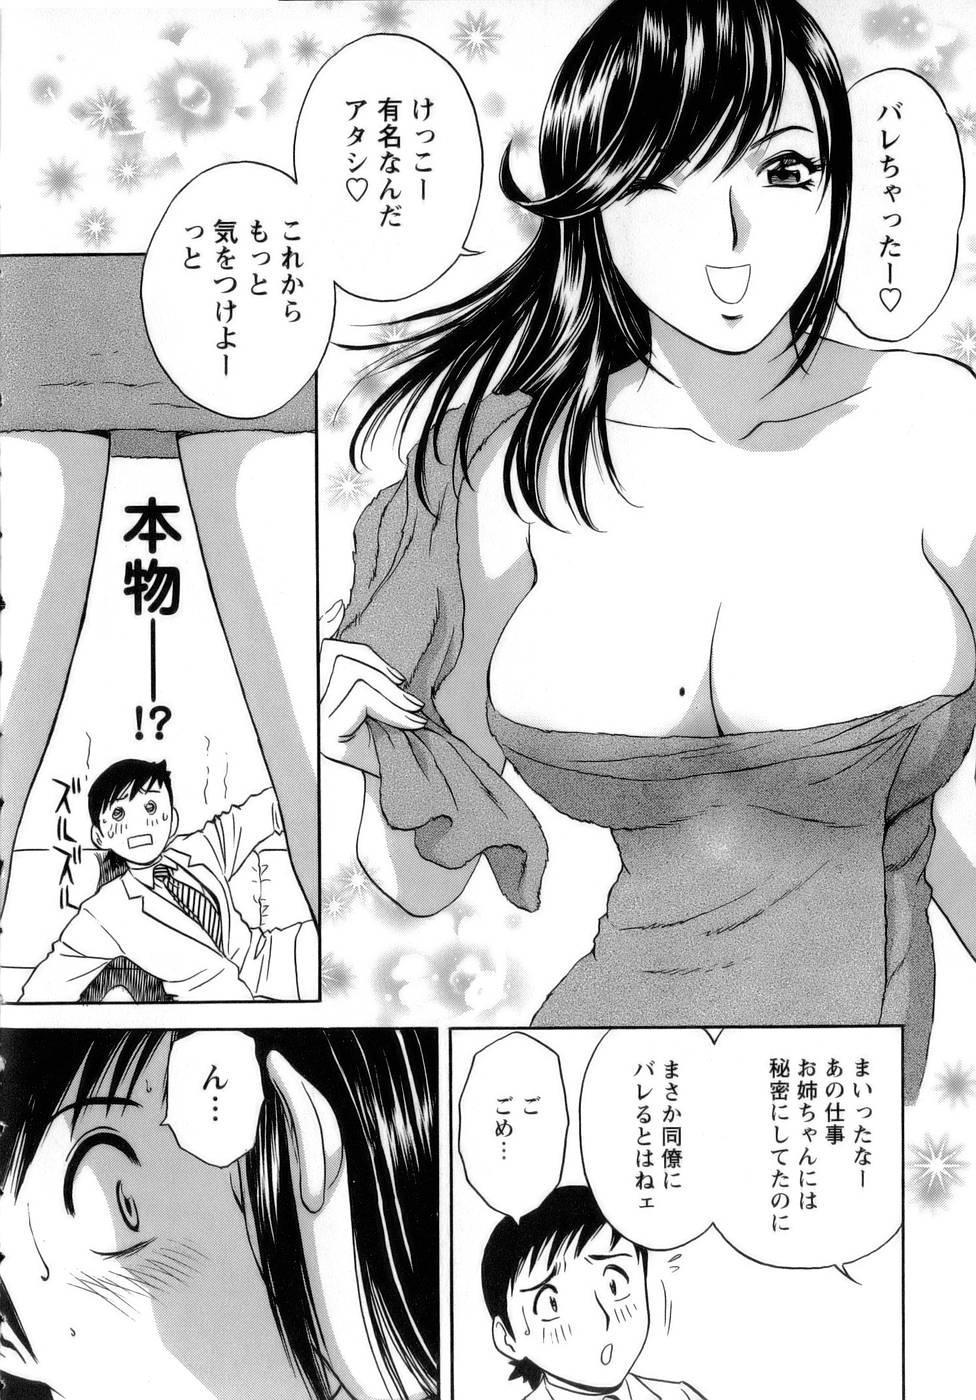 [Hidemaru] Mo-Retsu! Boin Sensei (Boing Boing Teacher) Vol.1 83